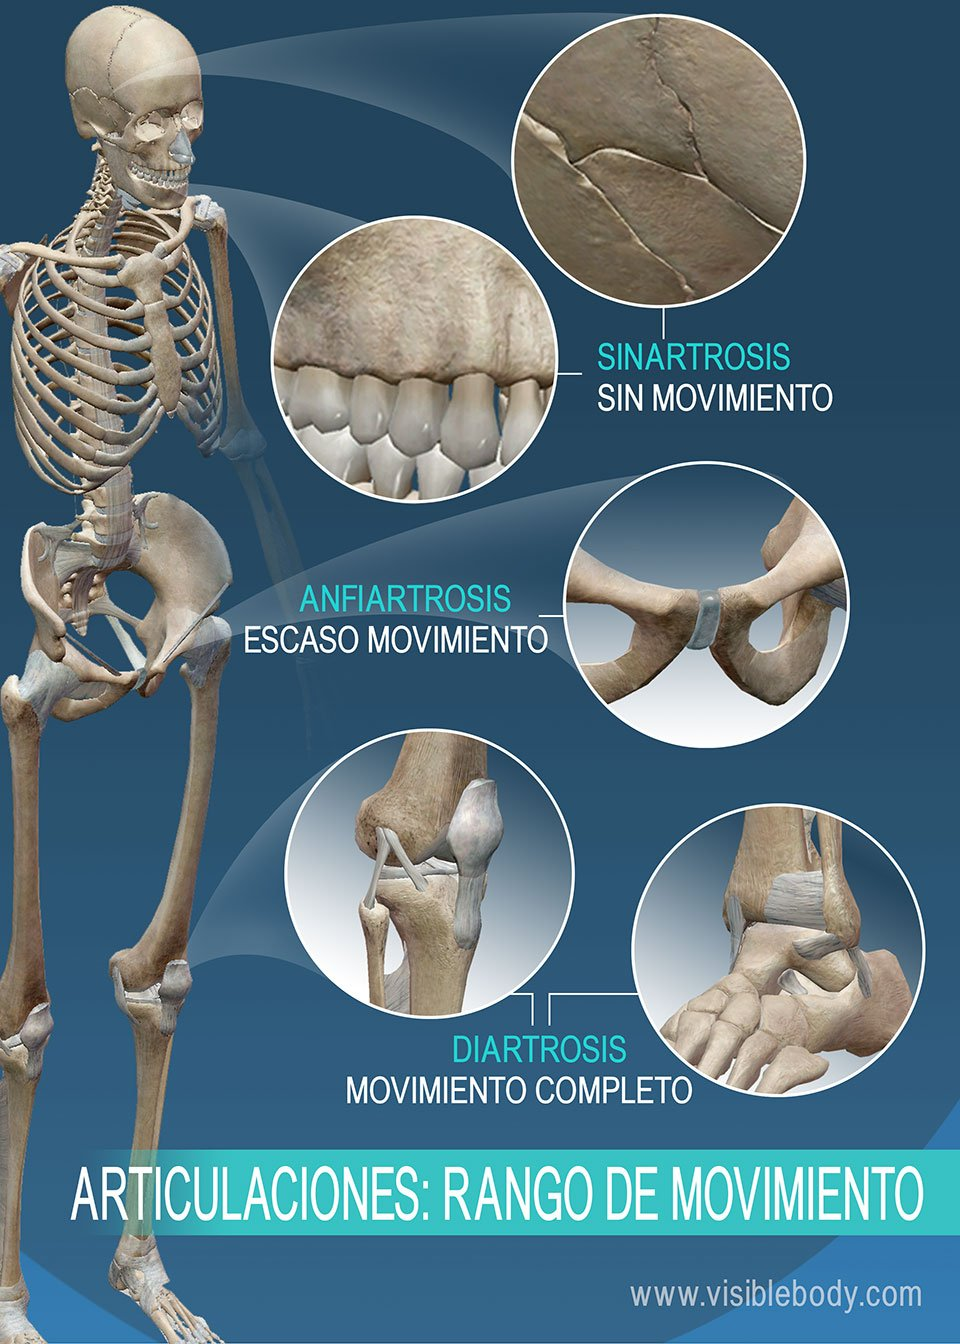 Los tipos de articulación se pueden clasificar por el rango de movimiento: sinartrosis, anfiartrosis y diartrosis